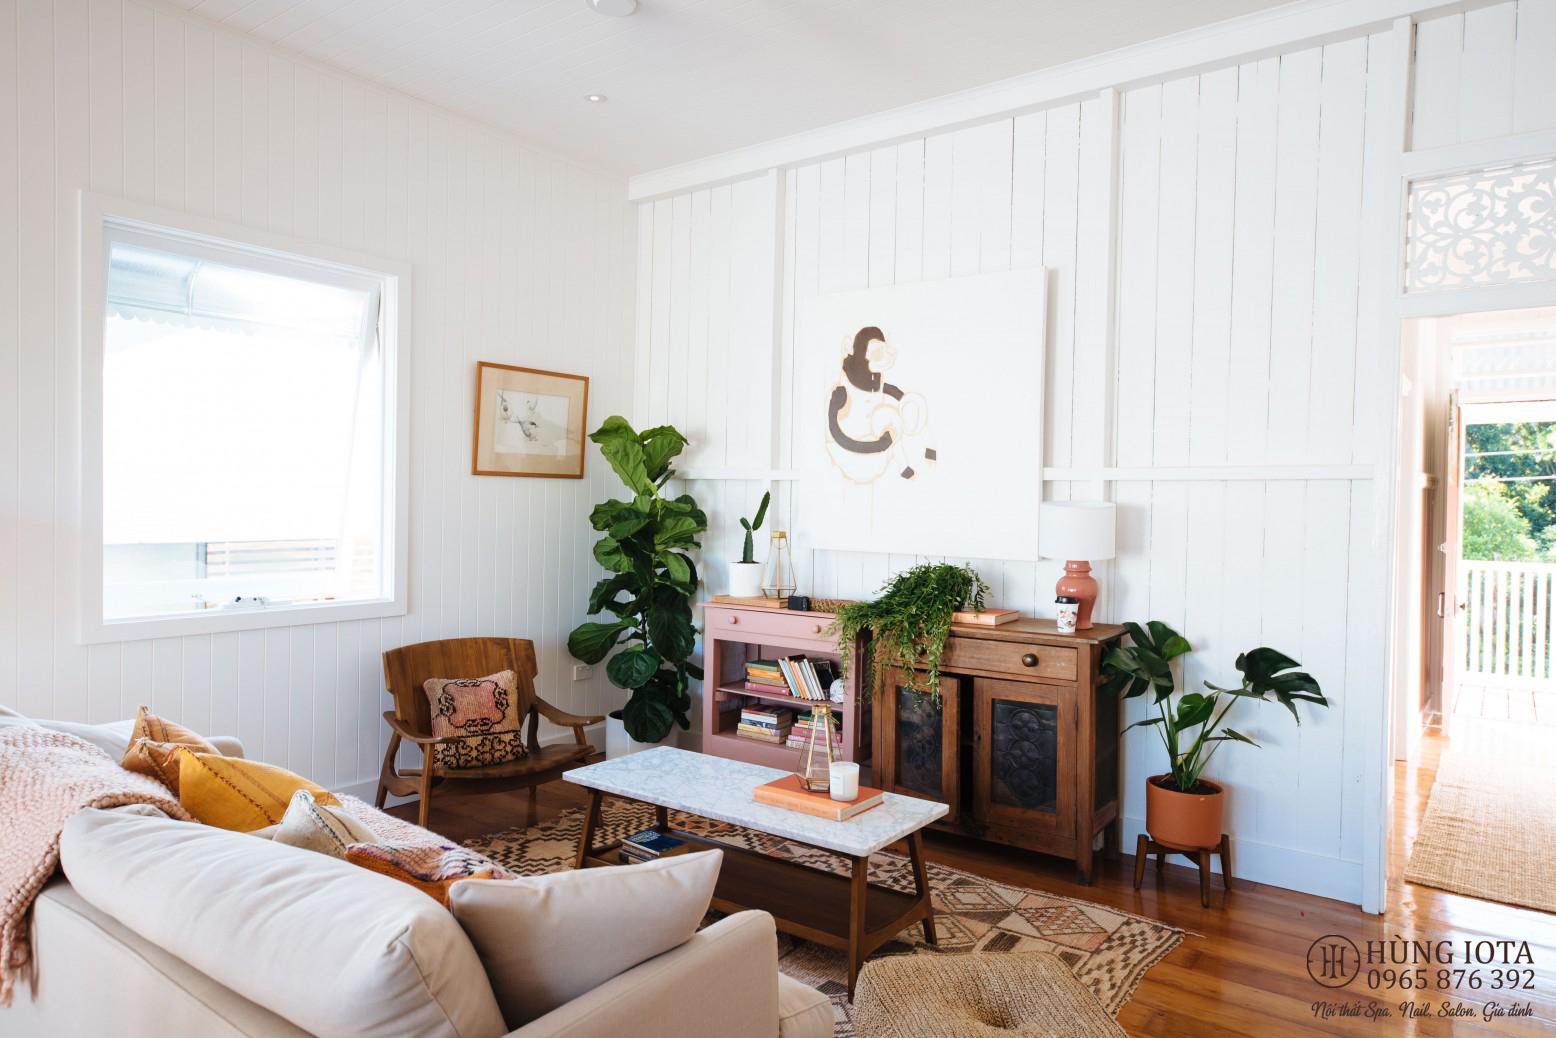 Sofa màu trắng hồng đẹp cho chung cư gia đình, spa, nail, salon tóc decor